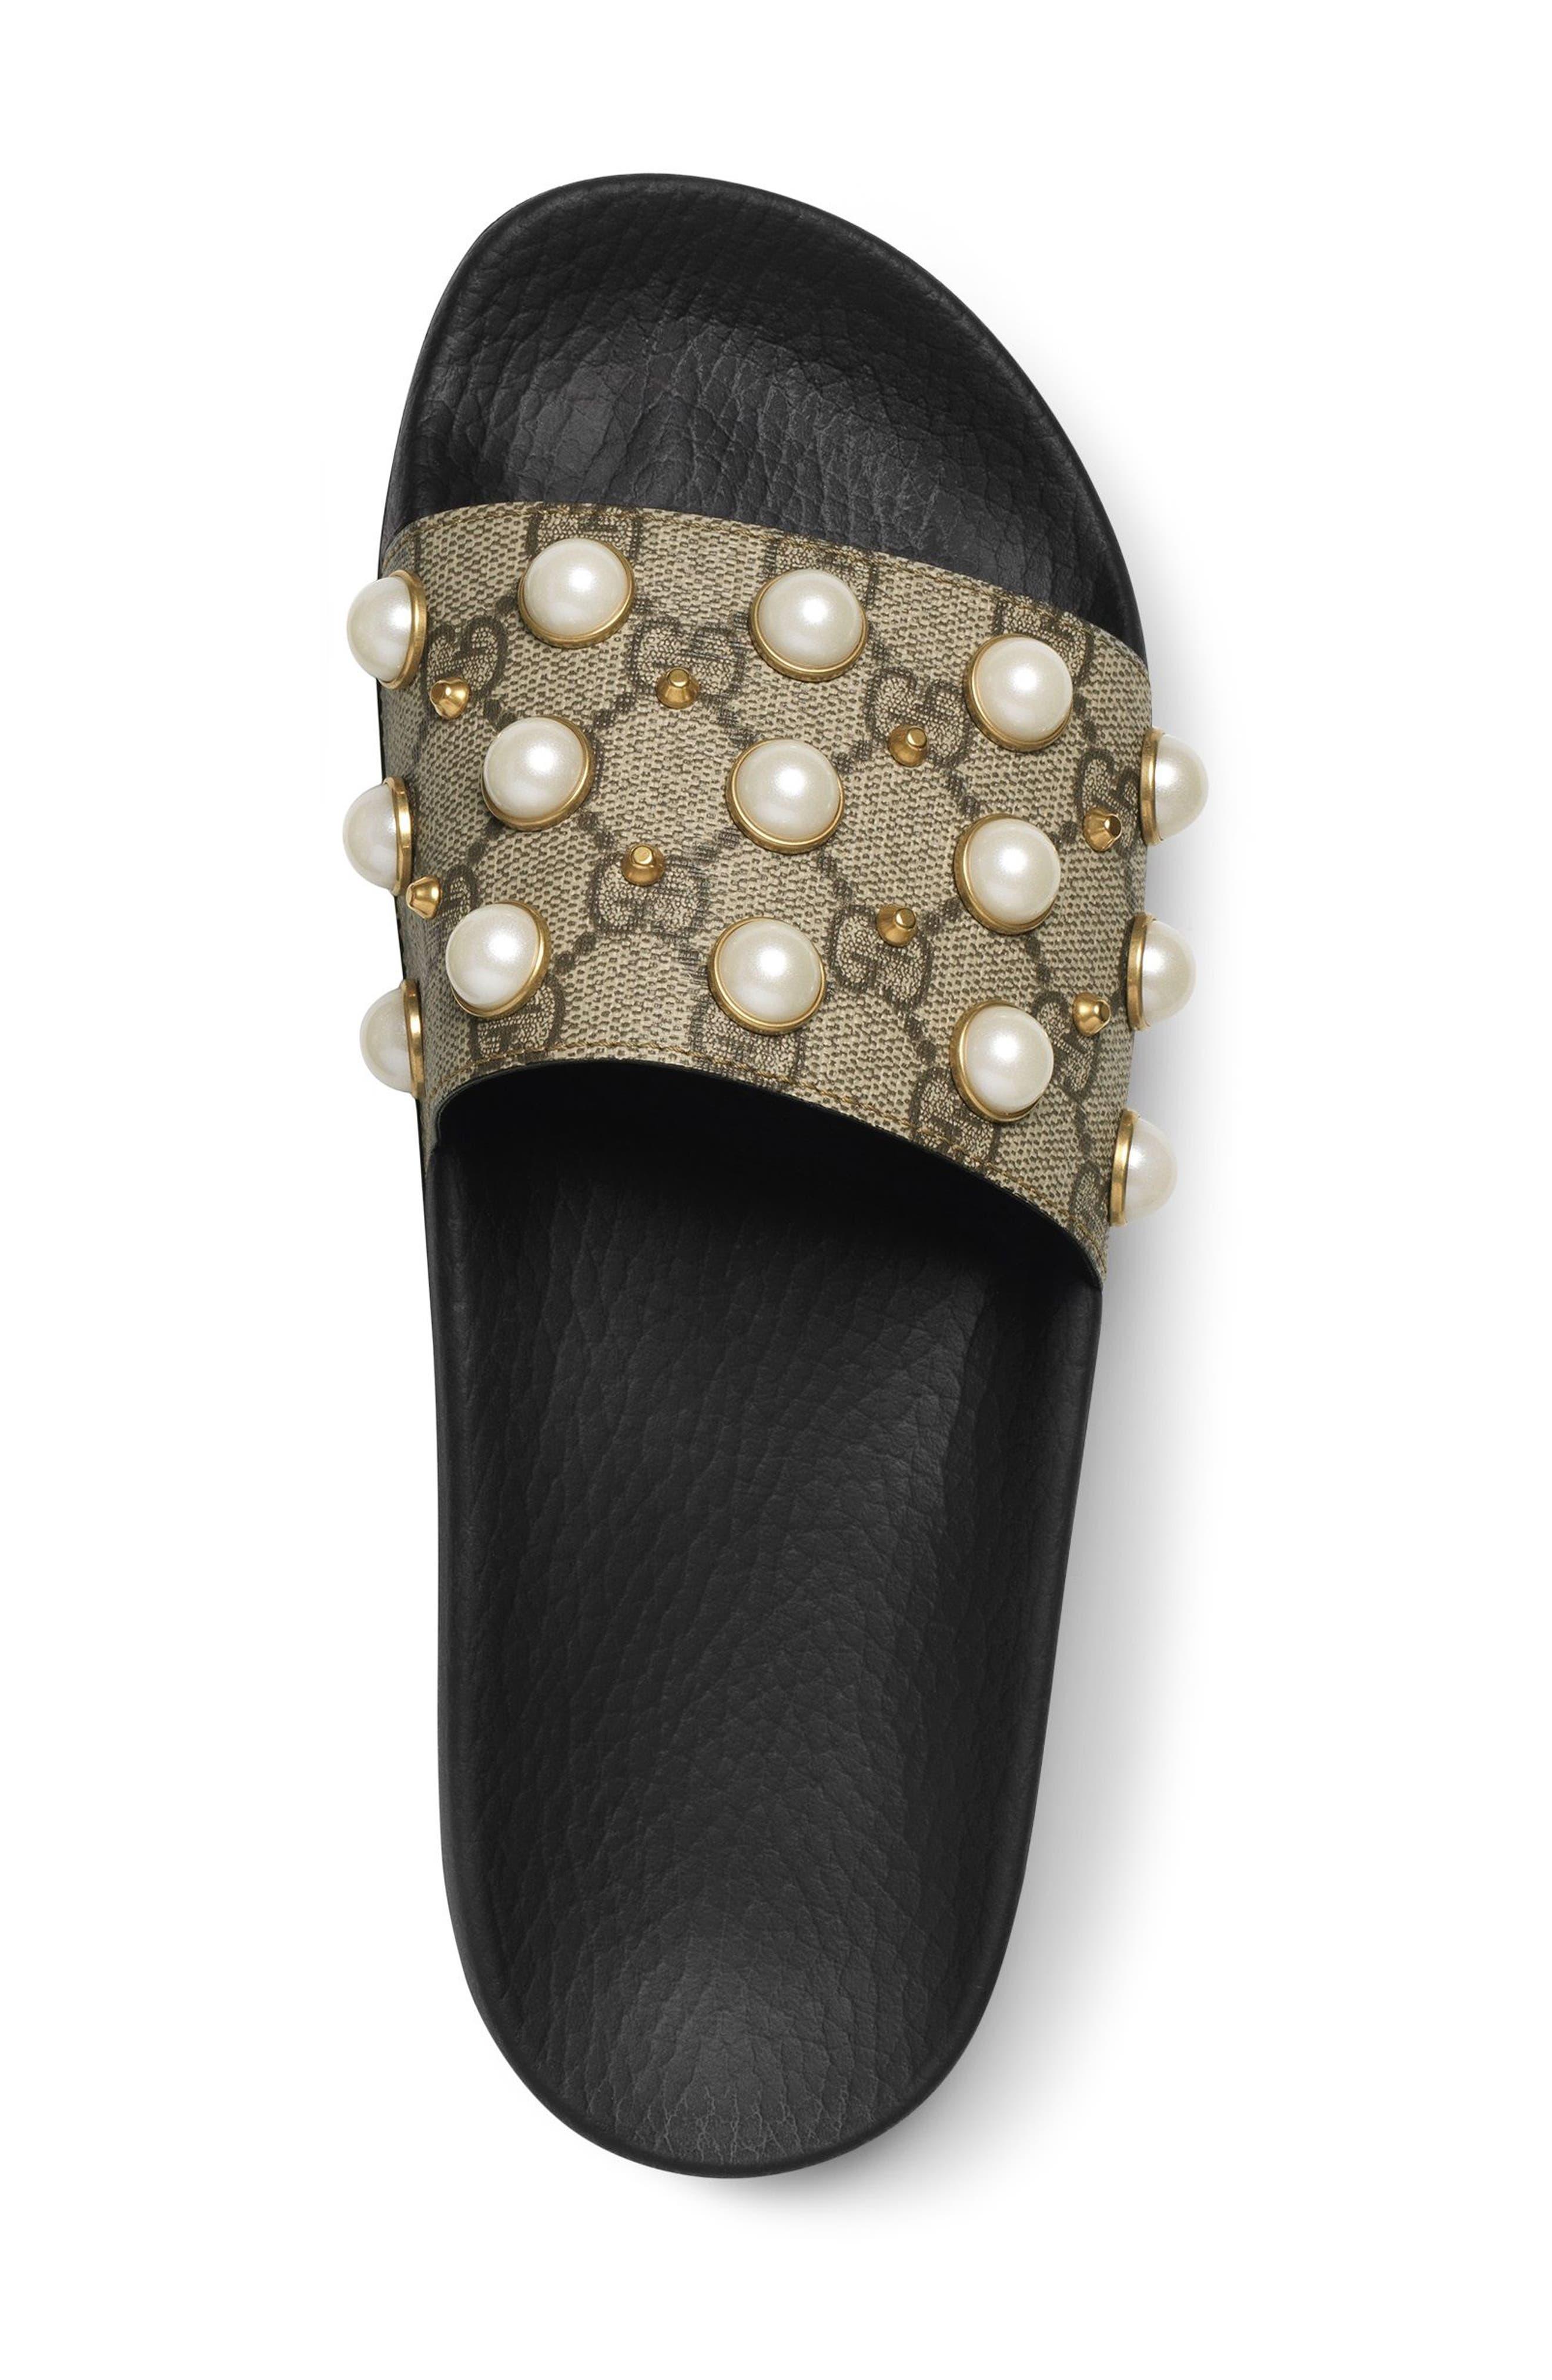 GUCCI, Pursuit Imitation Pearl Embellished Slide Sandal, Alternate thumbnail 3, color, BEIGE